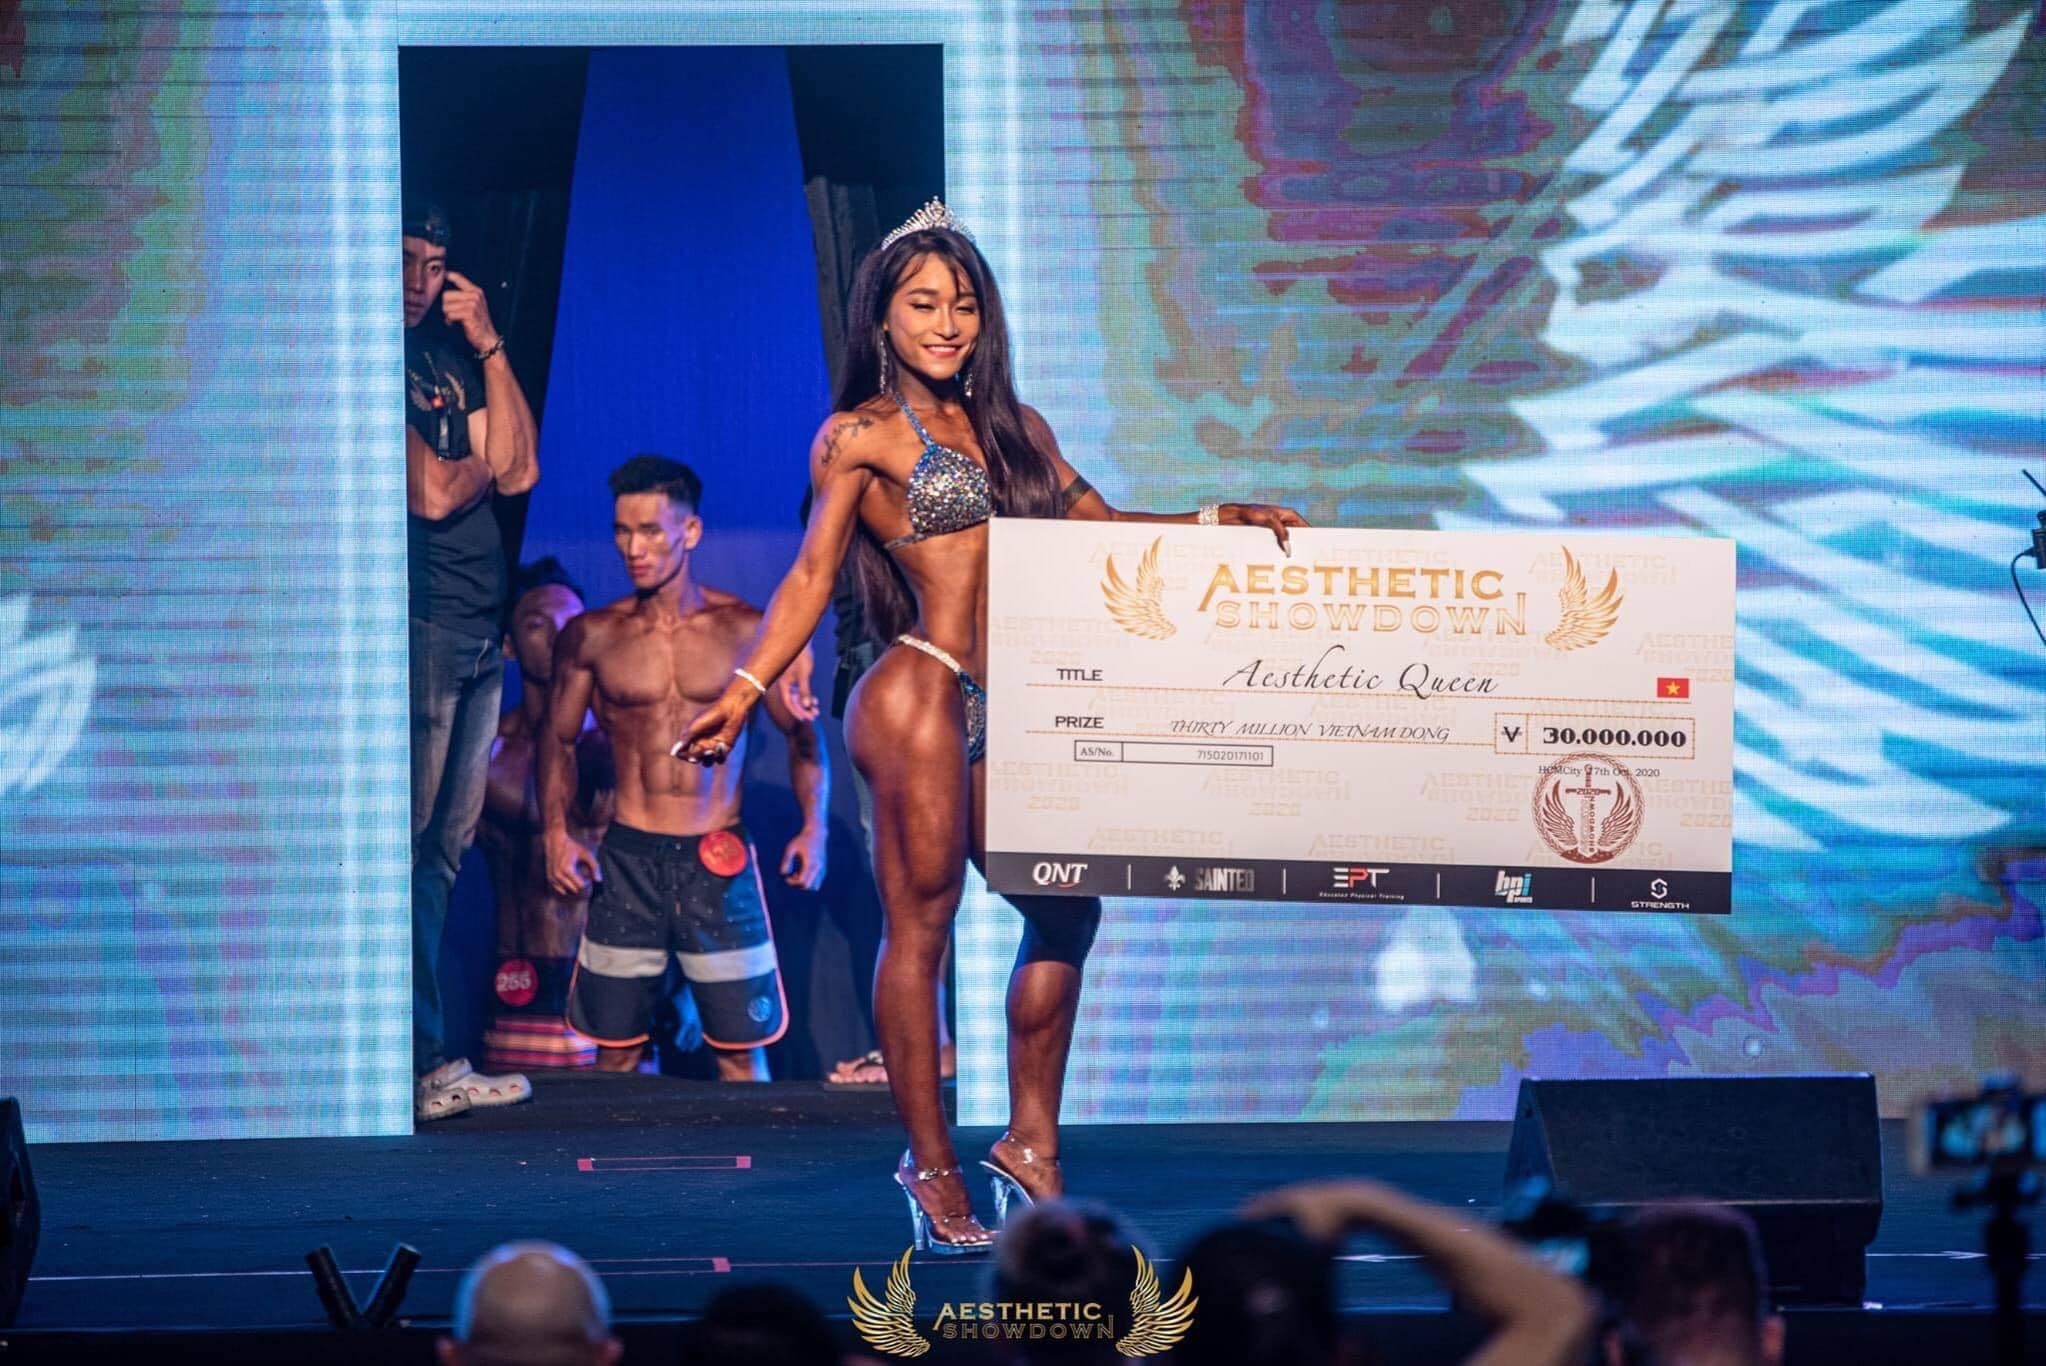 Trần Như Quỳnh đăng quang Aesthetic Queen 2020 - Nữ vương của Đại hội thể hình Aesthetic Showdown Vietnam 2020.